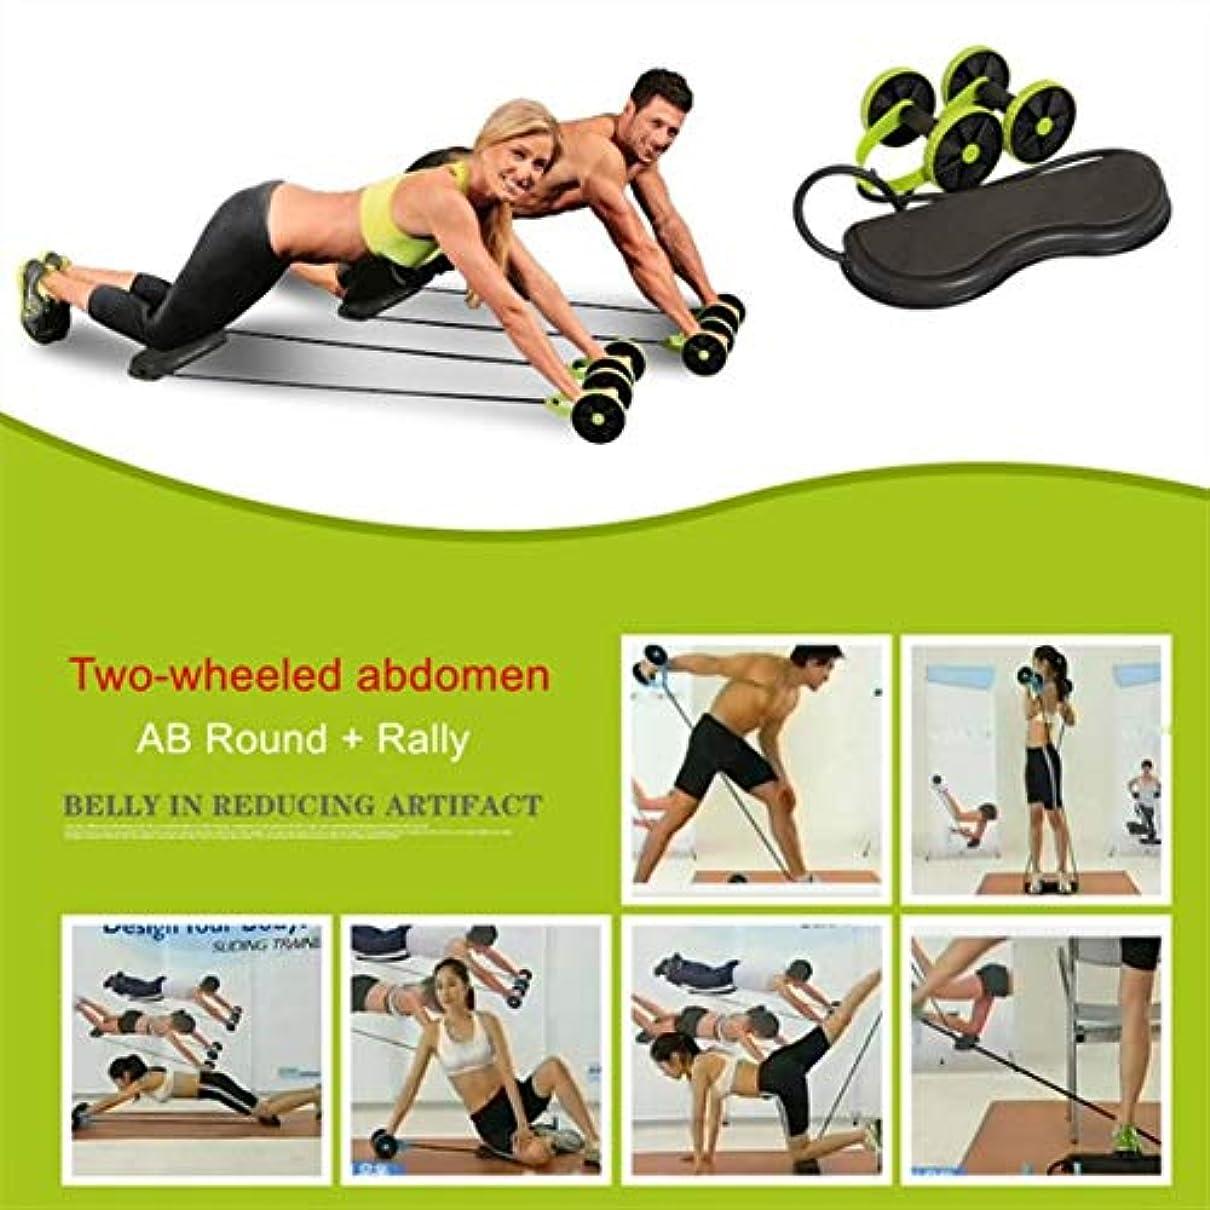 アルプス緊張納得させるJS-04多機能腹輪腹筋輪腹輪テンションロープ筋肉トレーニングマシン(グリーン&ブラック)